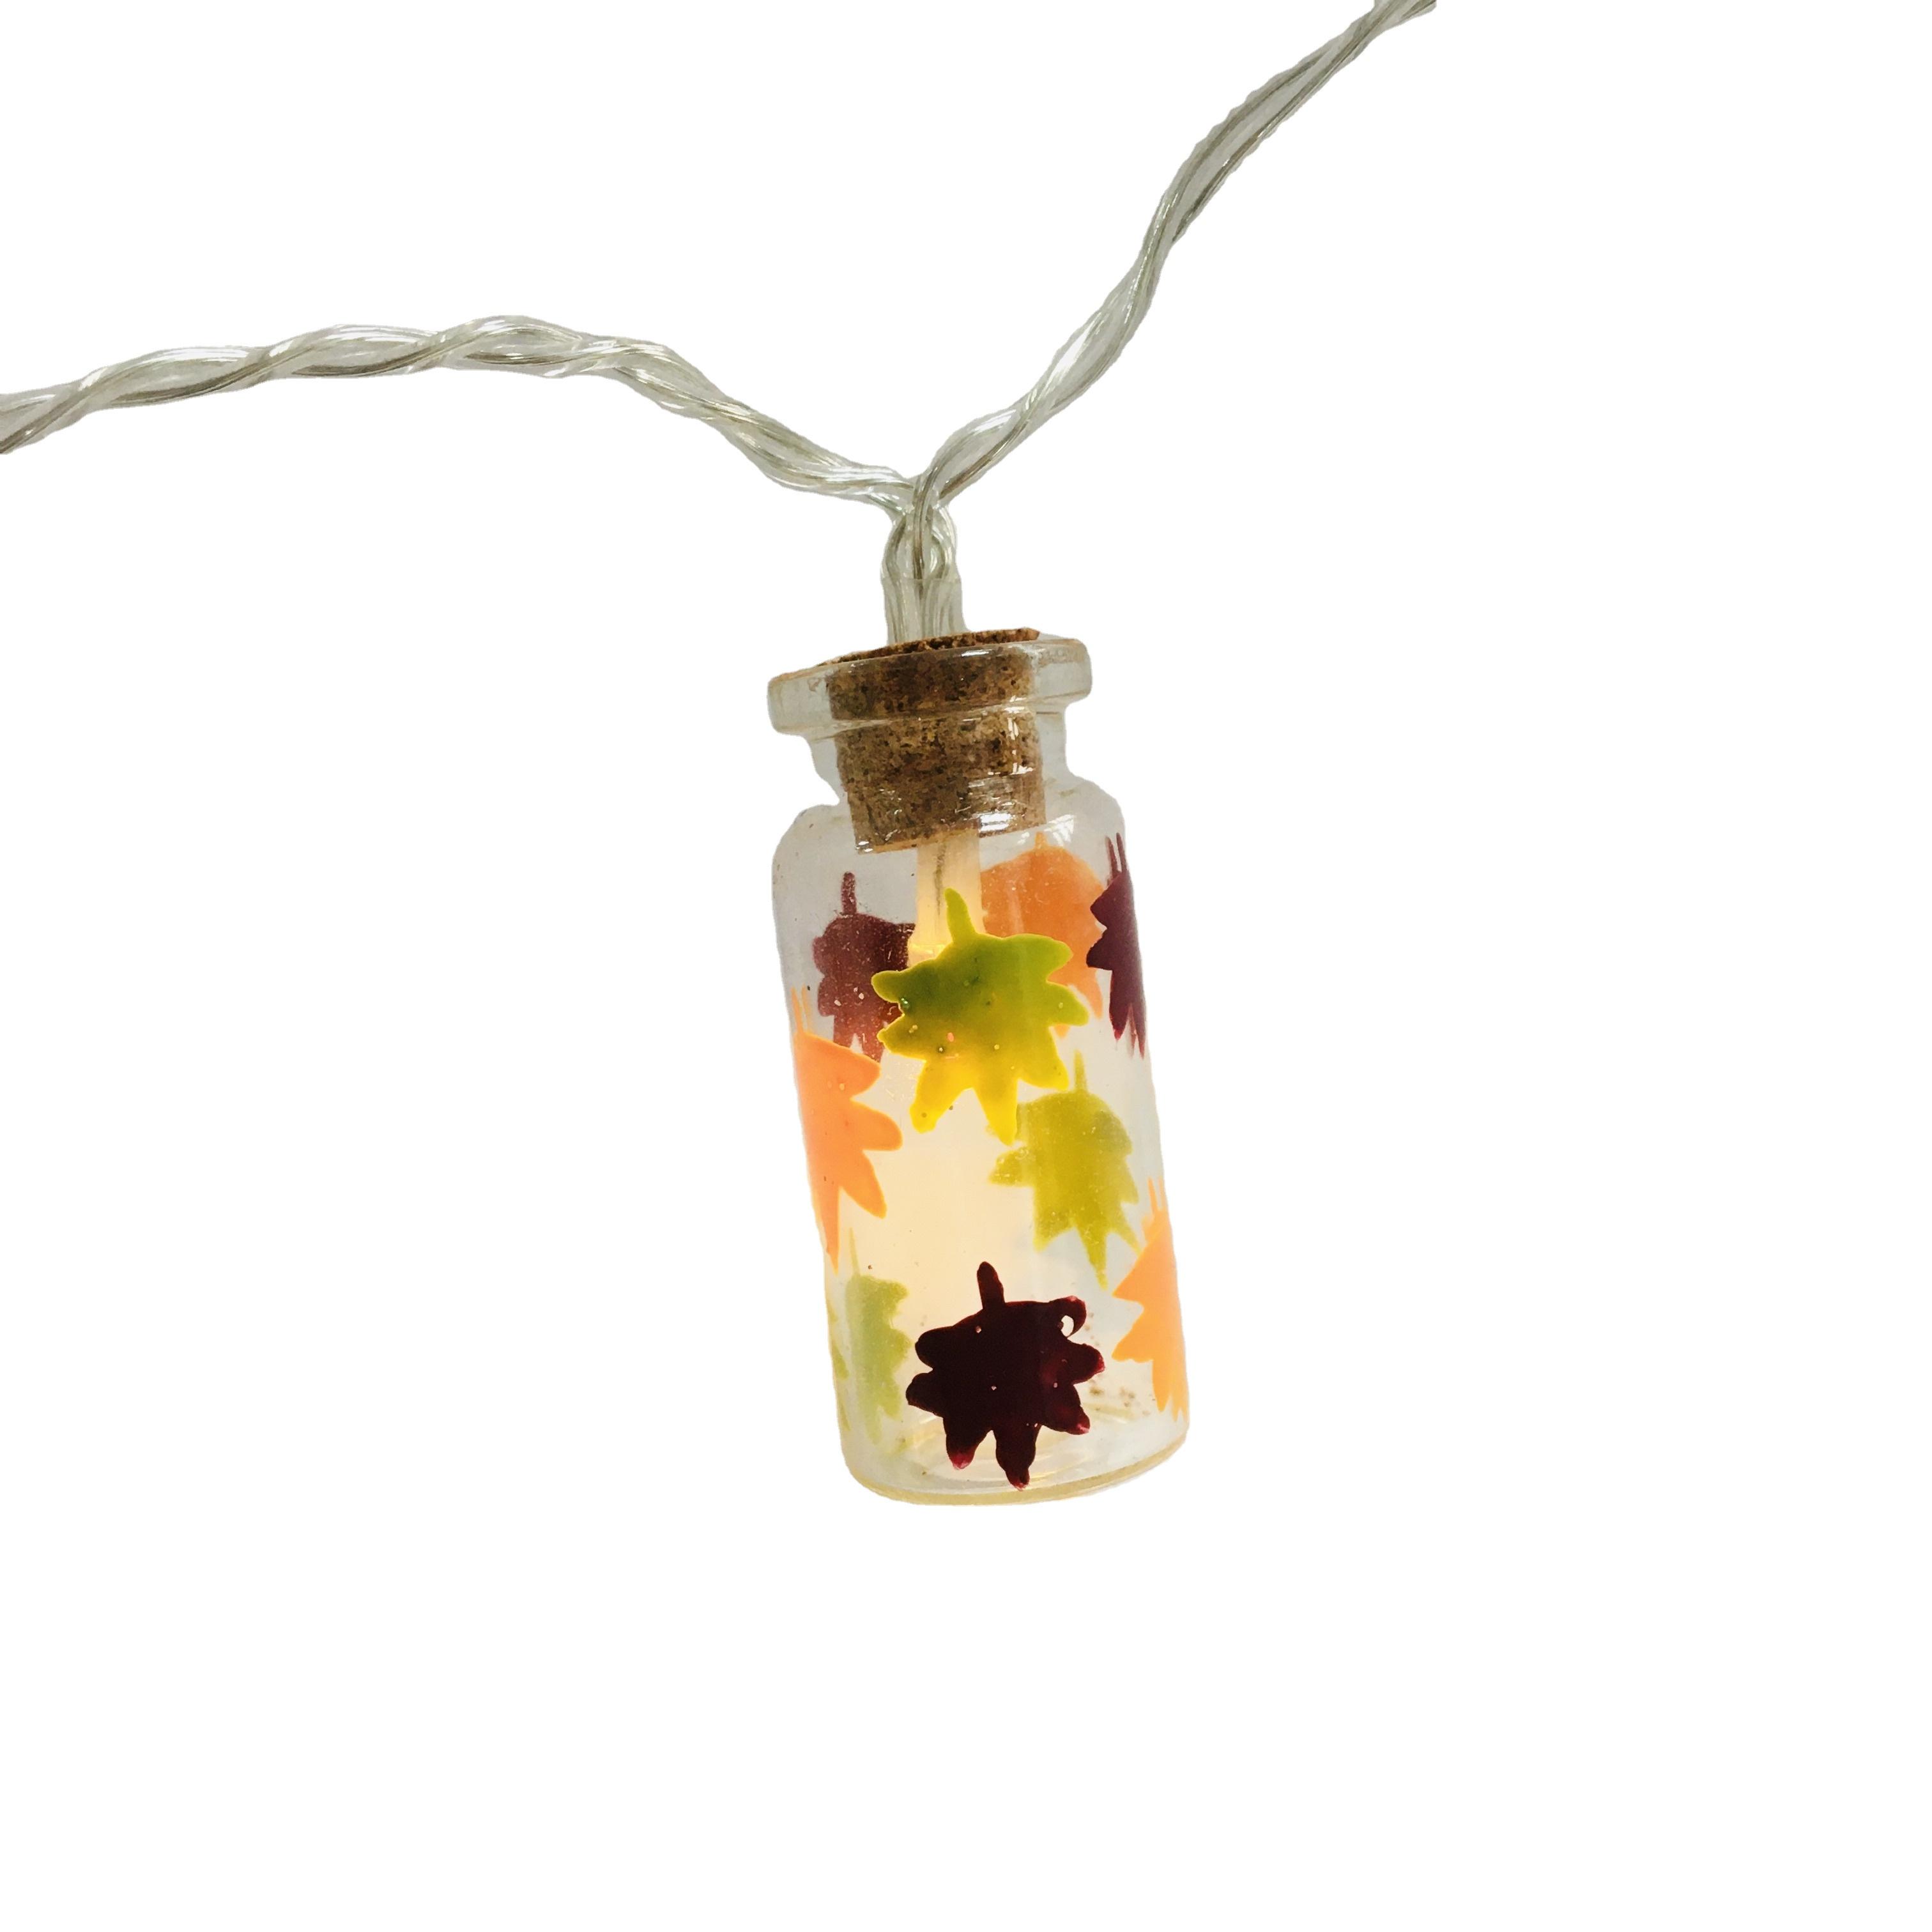 2020 Hot Harvest Lighting LED Maple Glass Bottle Lights For Thanksgiving Day Festival Decor